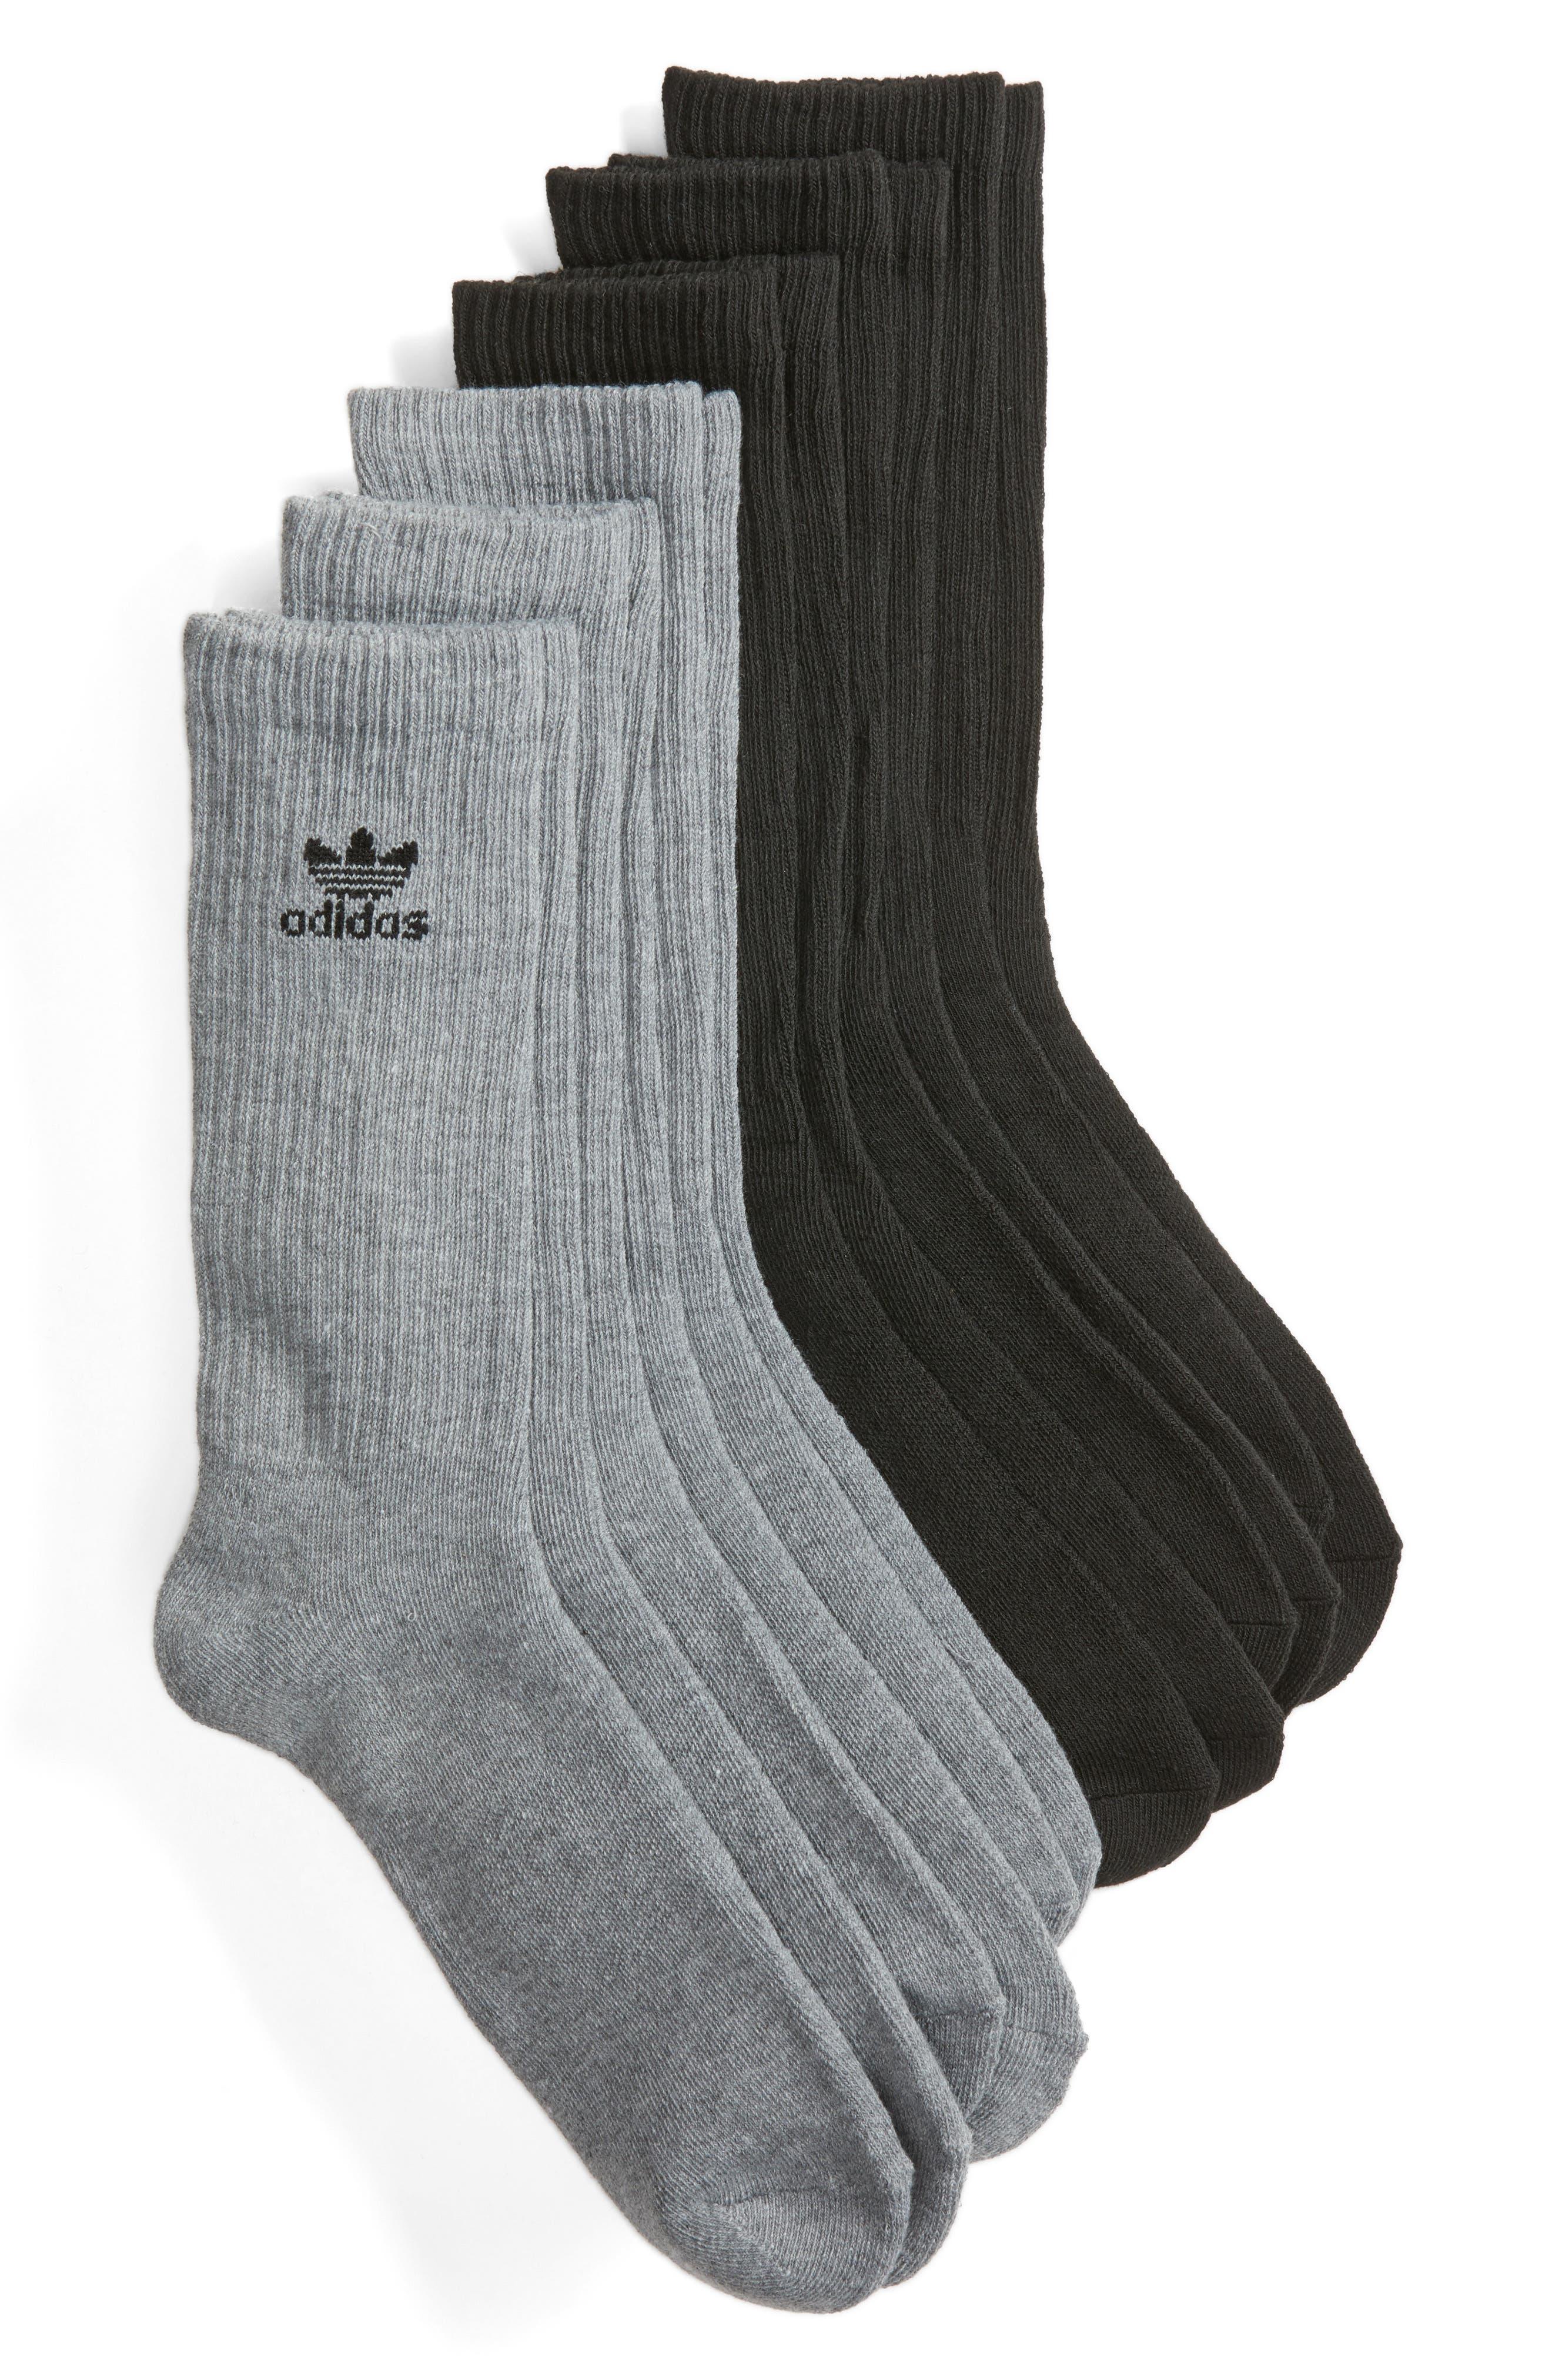 6-Pack Original Trefoil Crew Socks,                         Main,                         color, 020